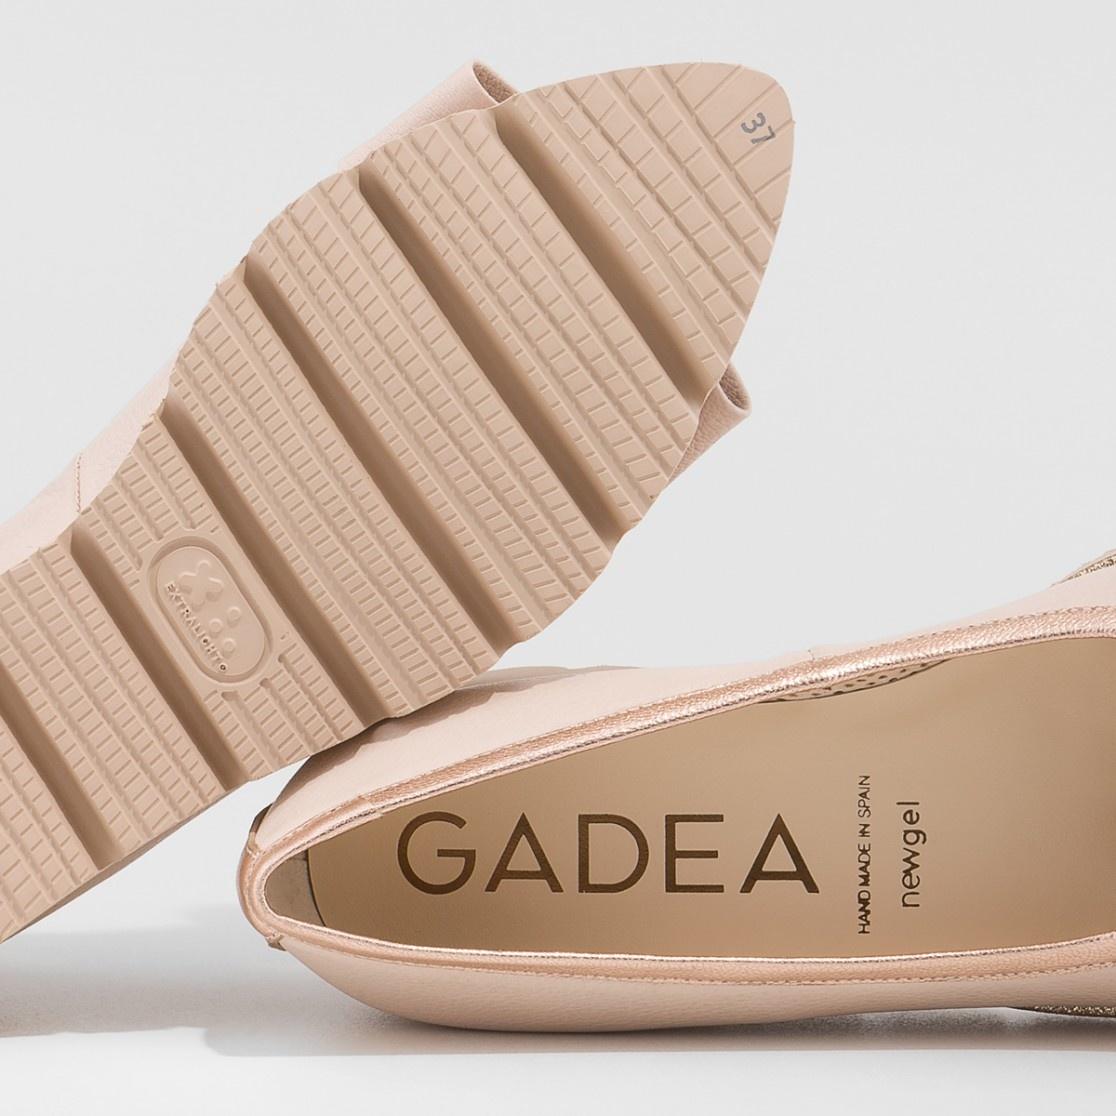 GADEA IRIDE-G